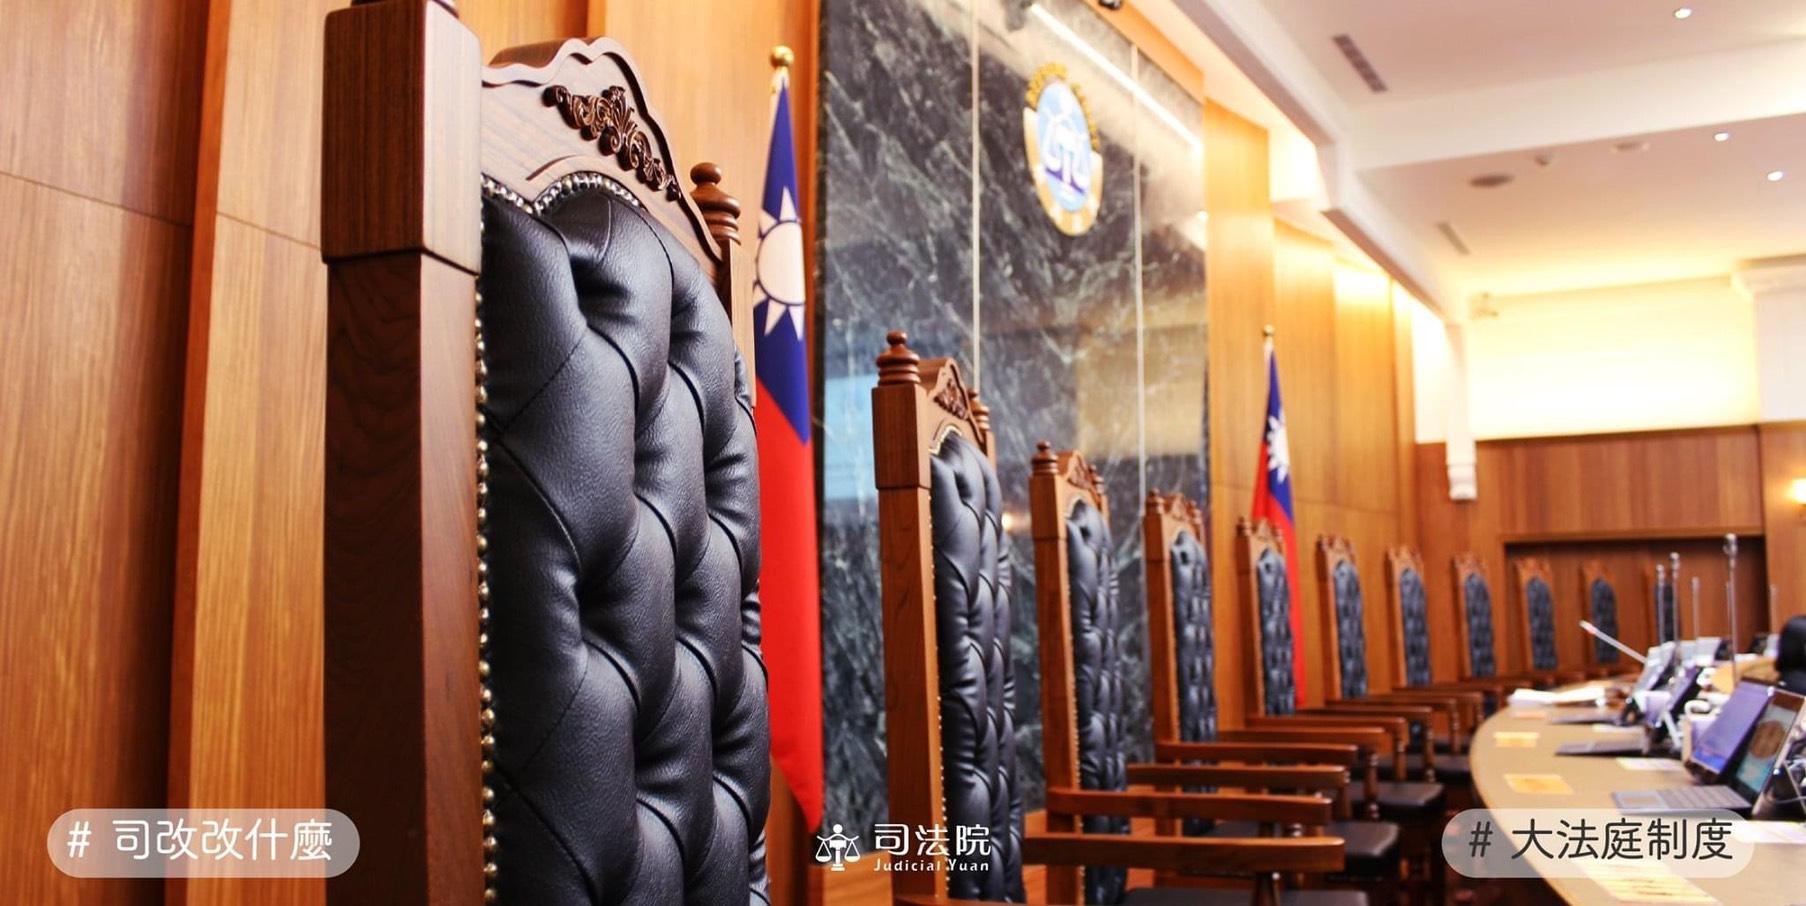 【翁曉玲觀點】法院認證的合法佔領官署